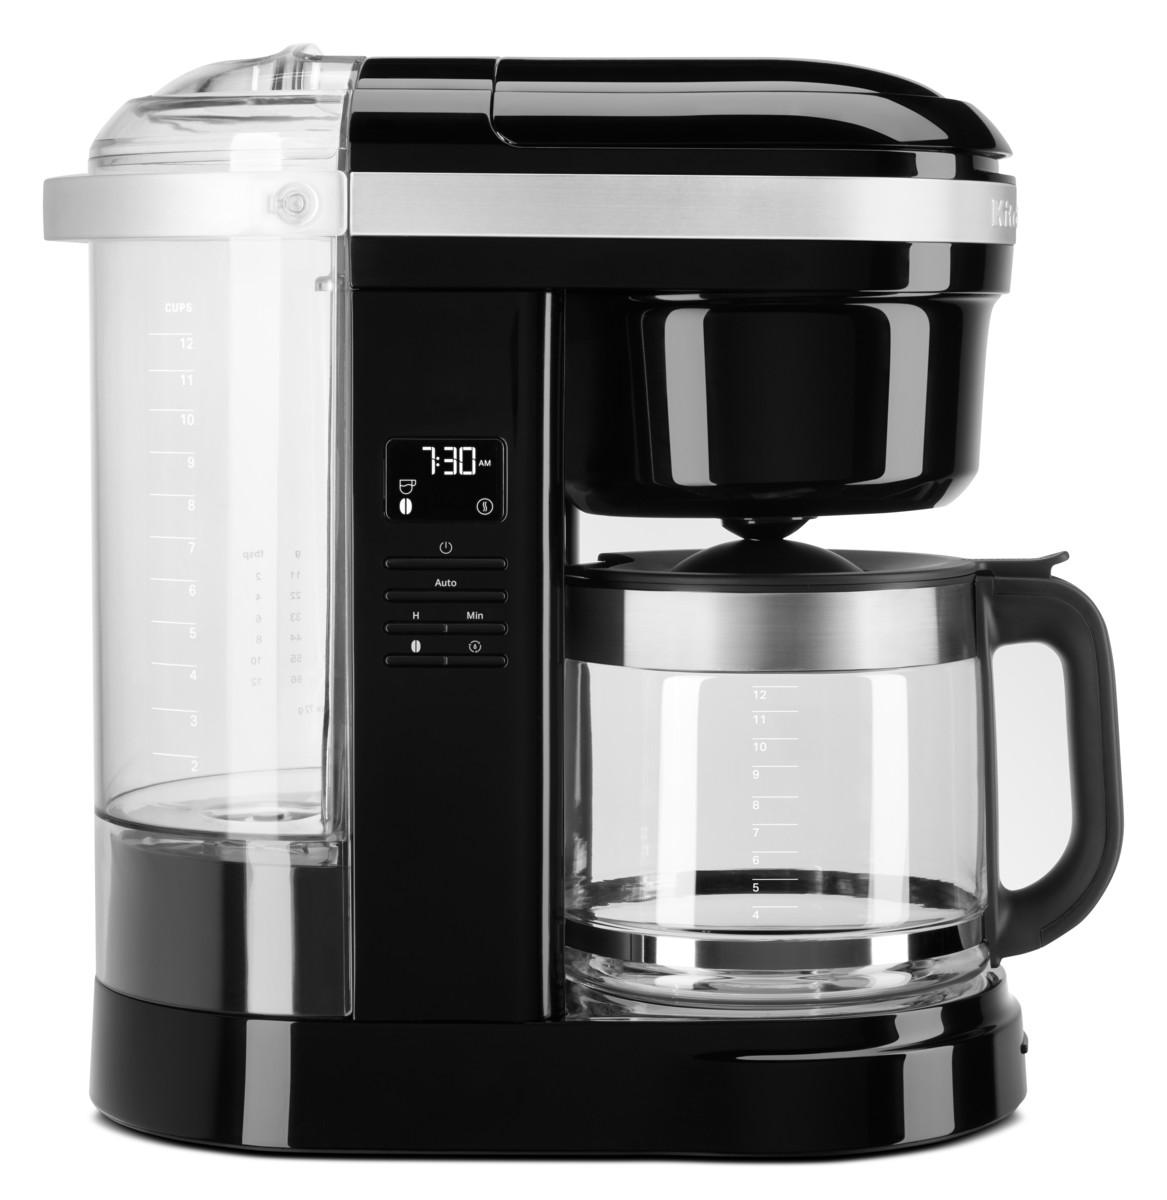 KitchenAid Filterkaffeemaschine 1,7 L CLASSIC 5KCM1208